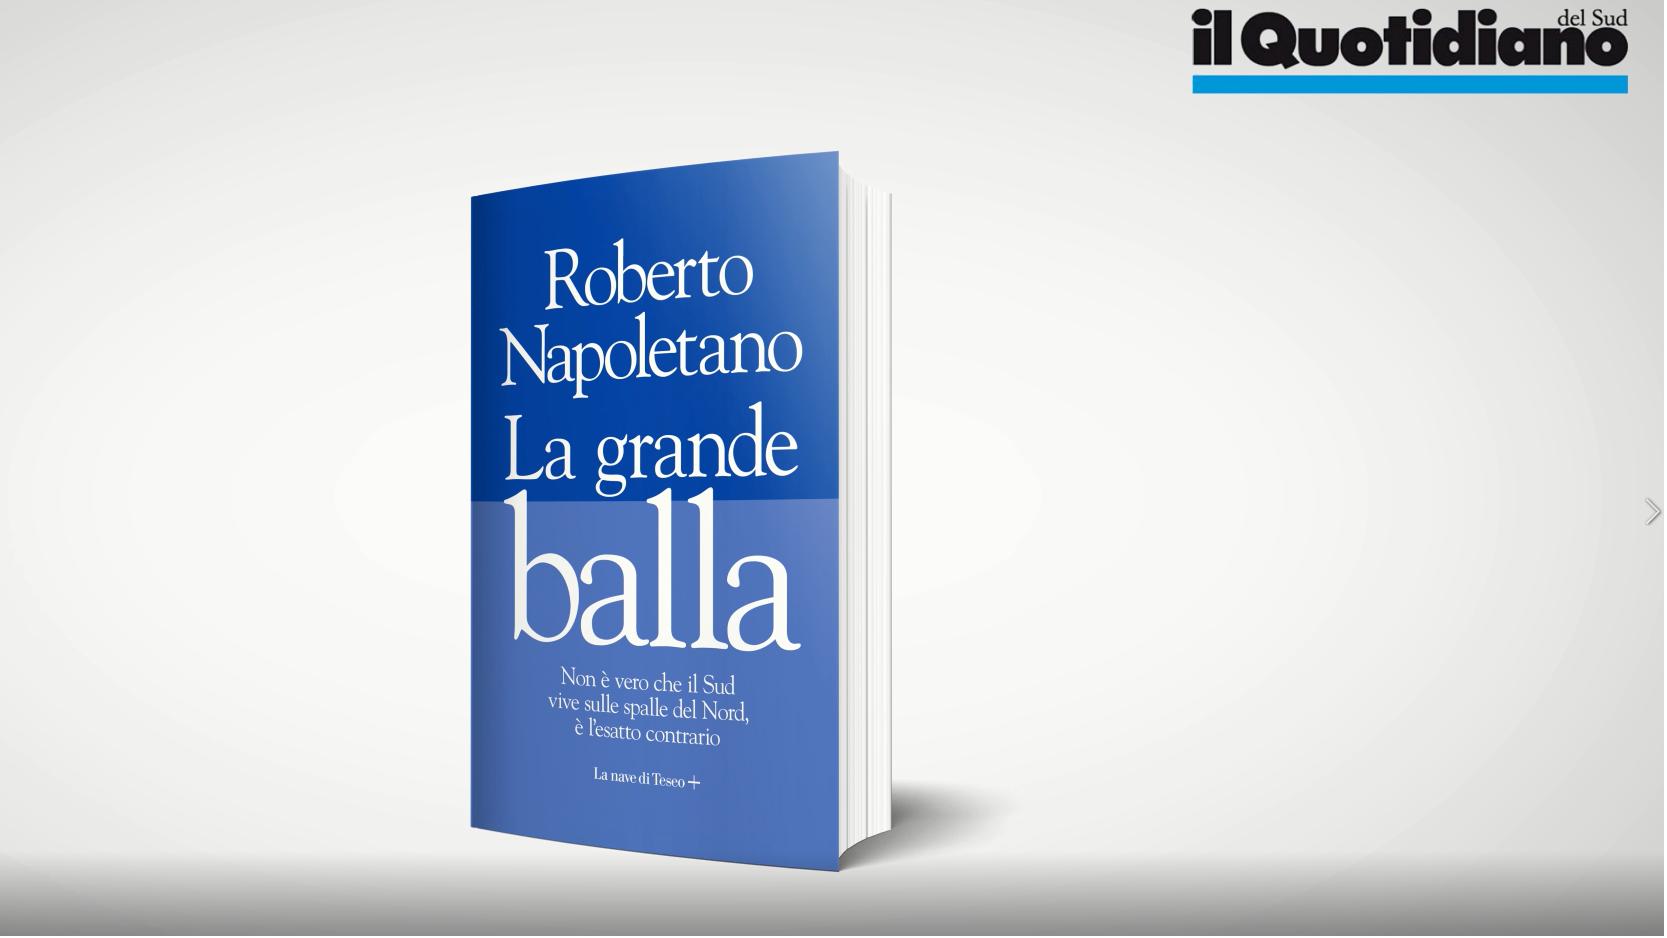 La grande balla di Roberto Napoletano